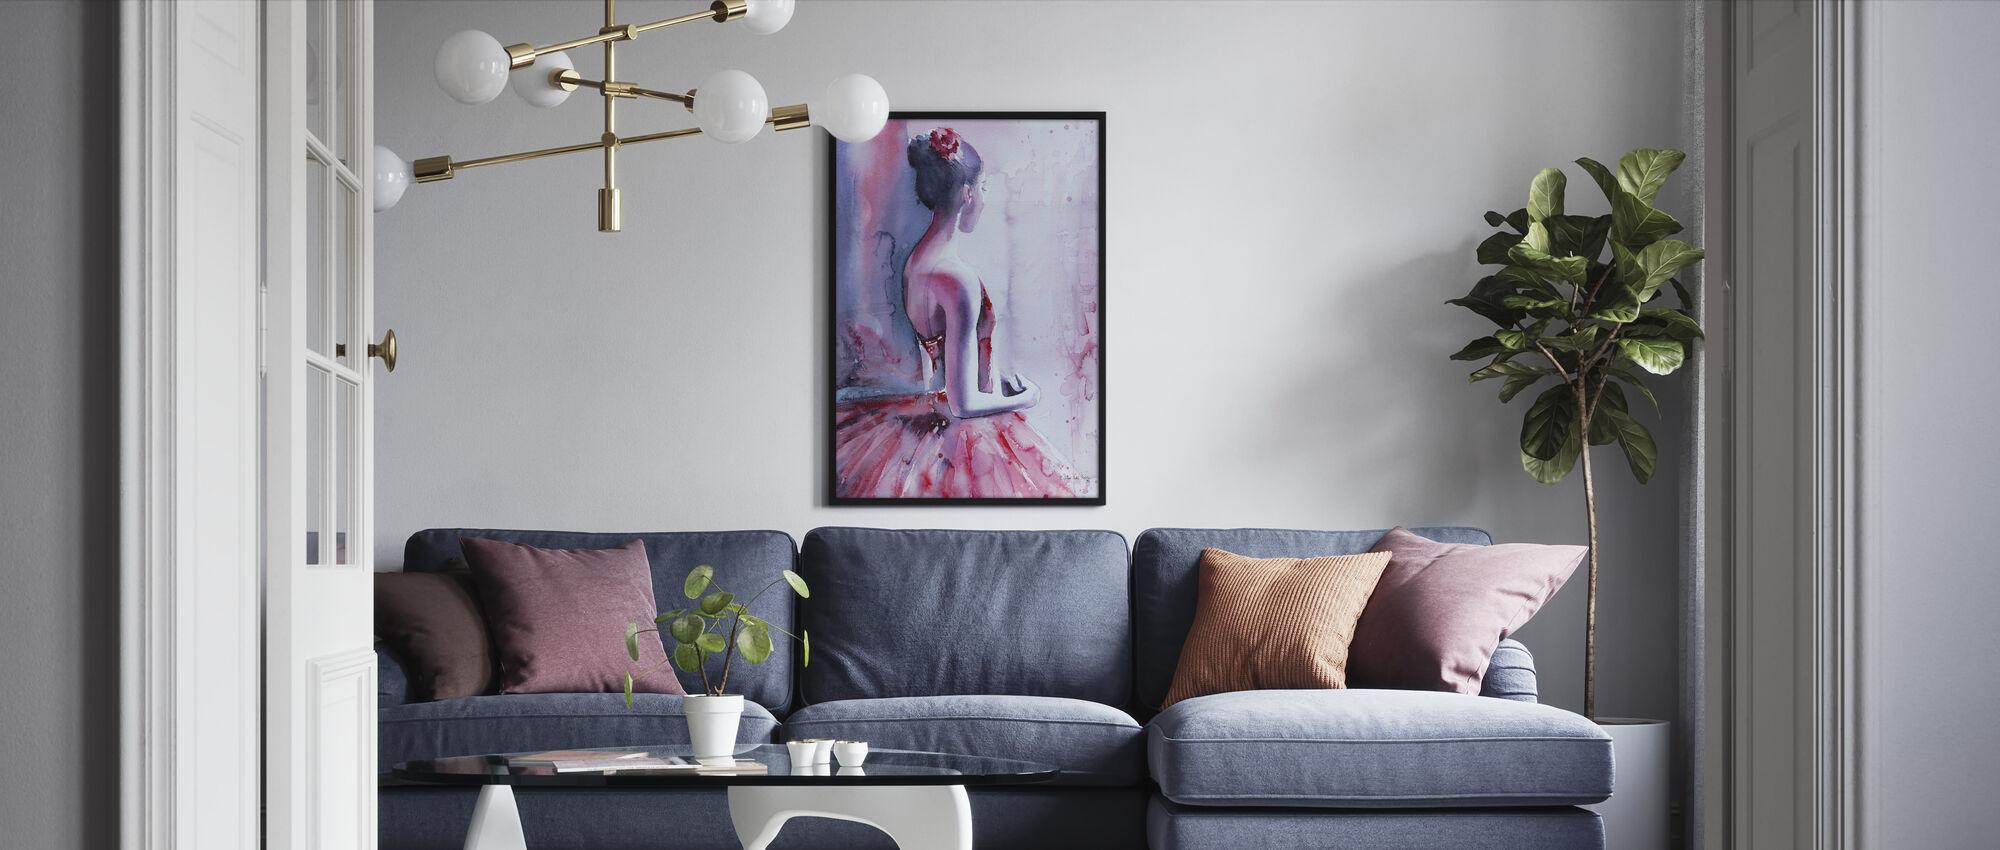 Backstage Nerves - Framed print - Living Room